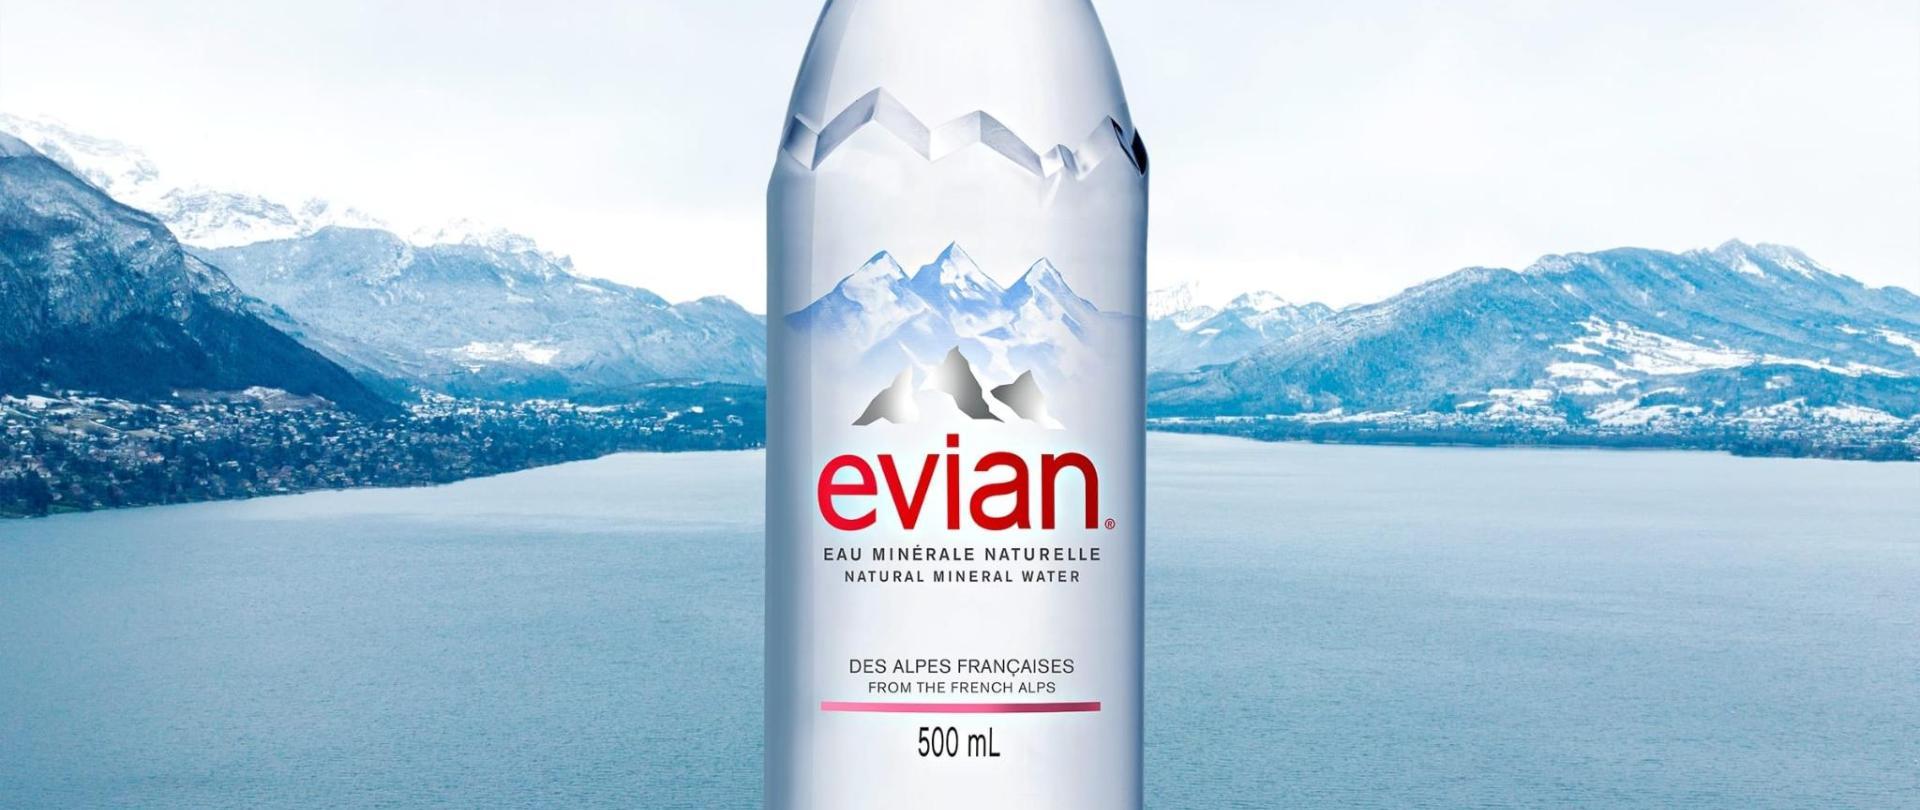 evian-eau_minerale_naturelle-bouteille_prestige_50cl.jpg